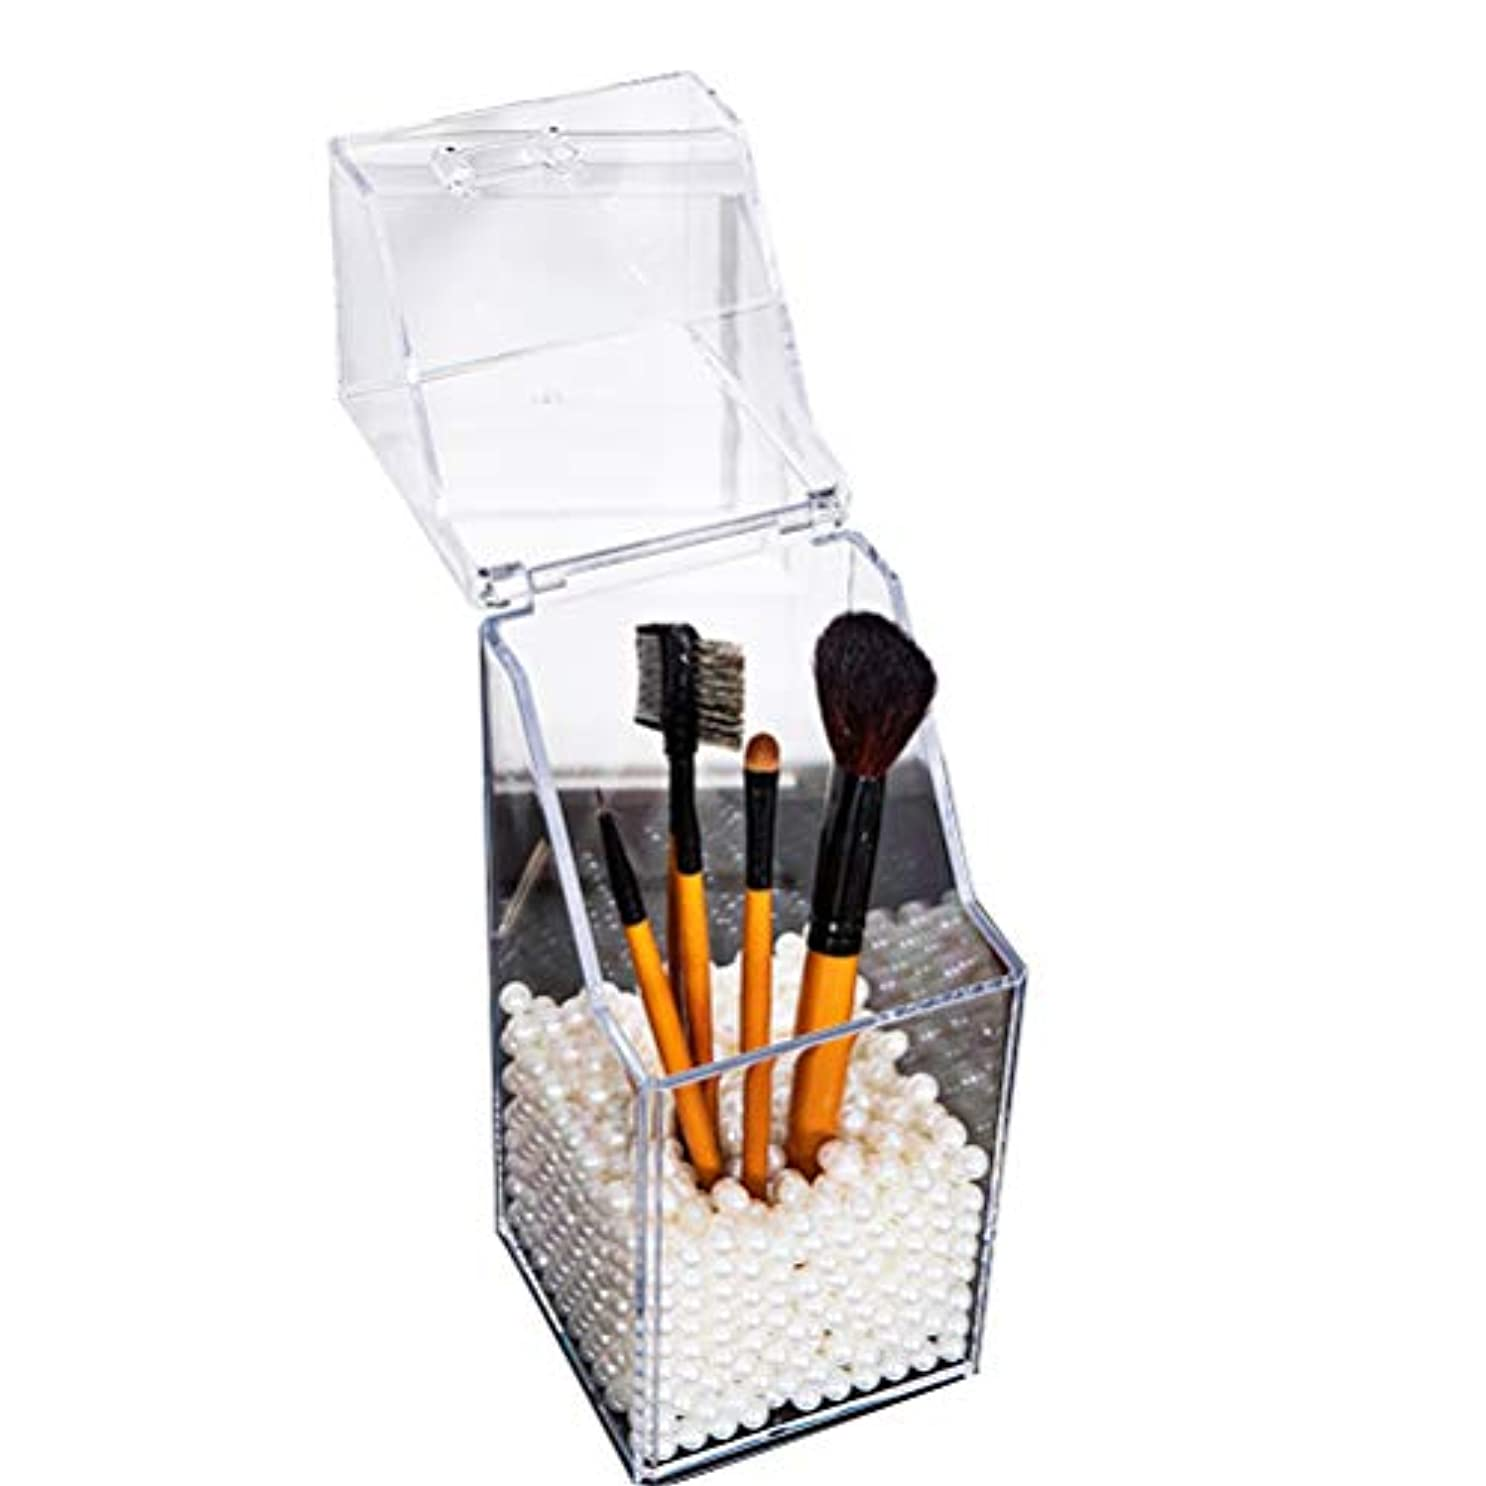 デマンド中央楽しませる[YEMOCILE] メイクボックス レディース ふた付き メイクブラシ 化粧品入れ 収納 透明 引き出し小物 アクリル製 真珠 高品質 ホワイト